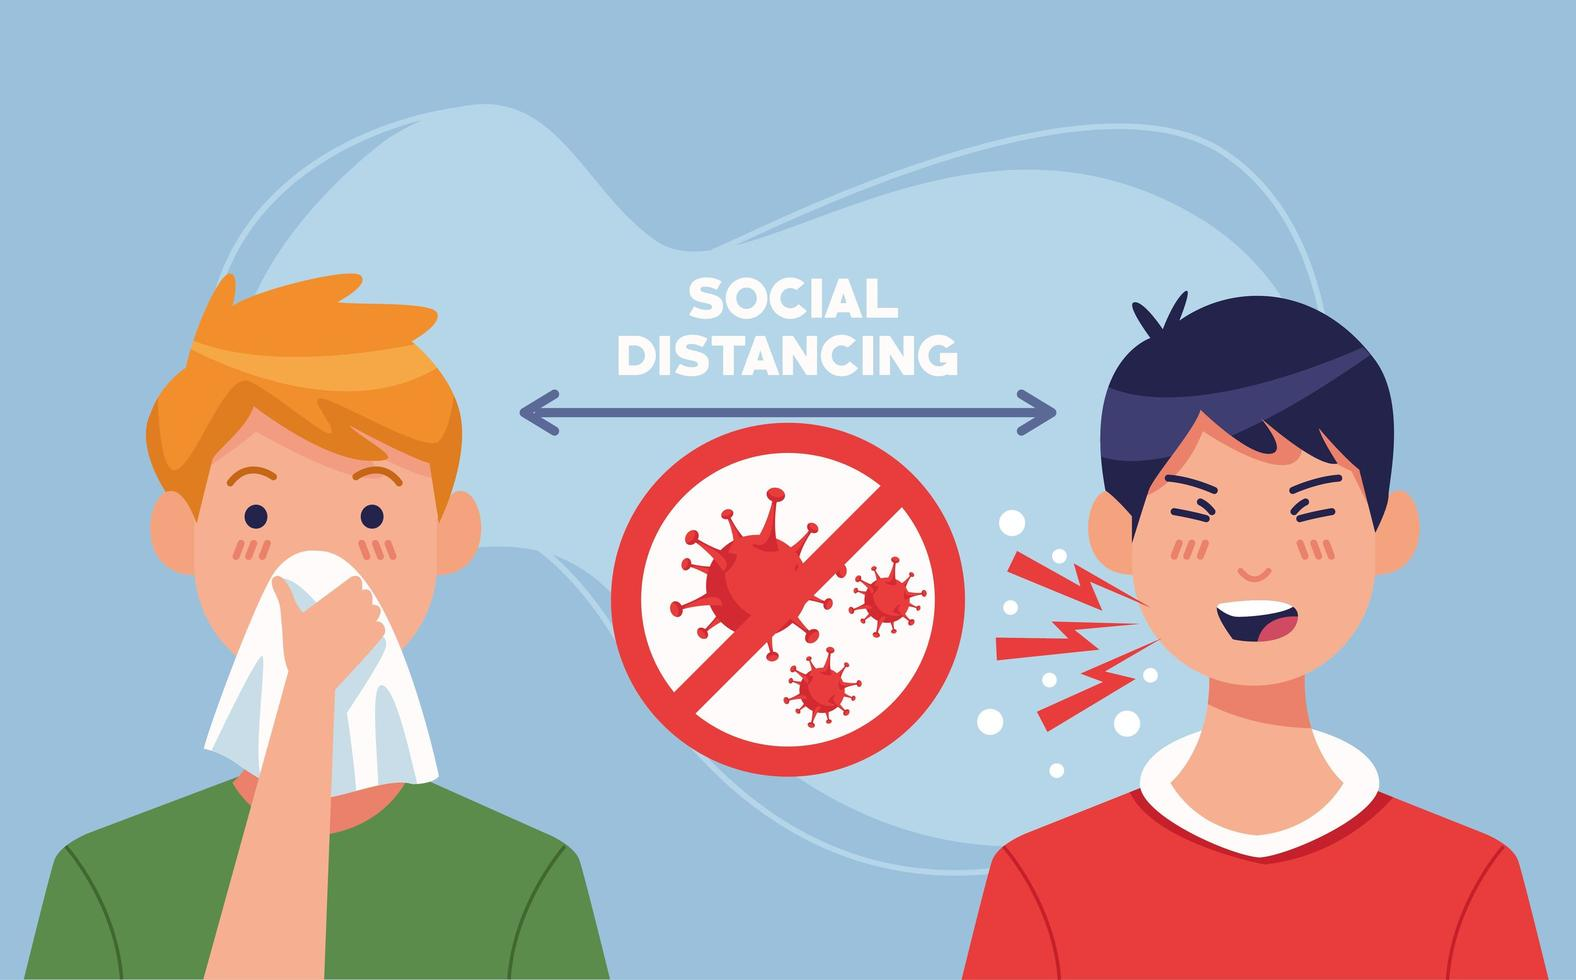 jovens doentes com sintomas obscuros à distância social vetor